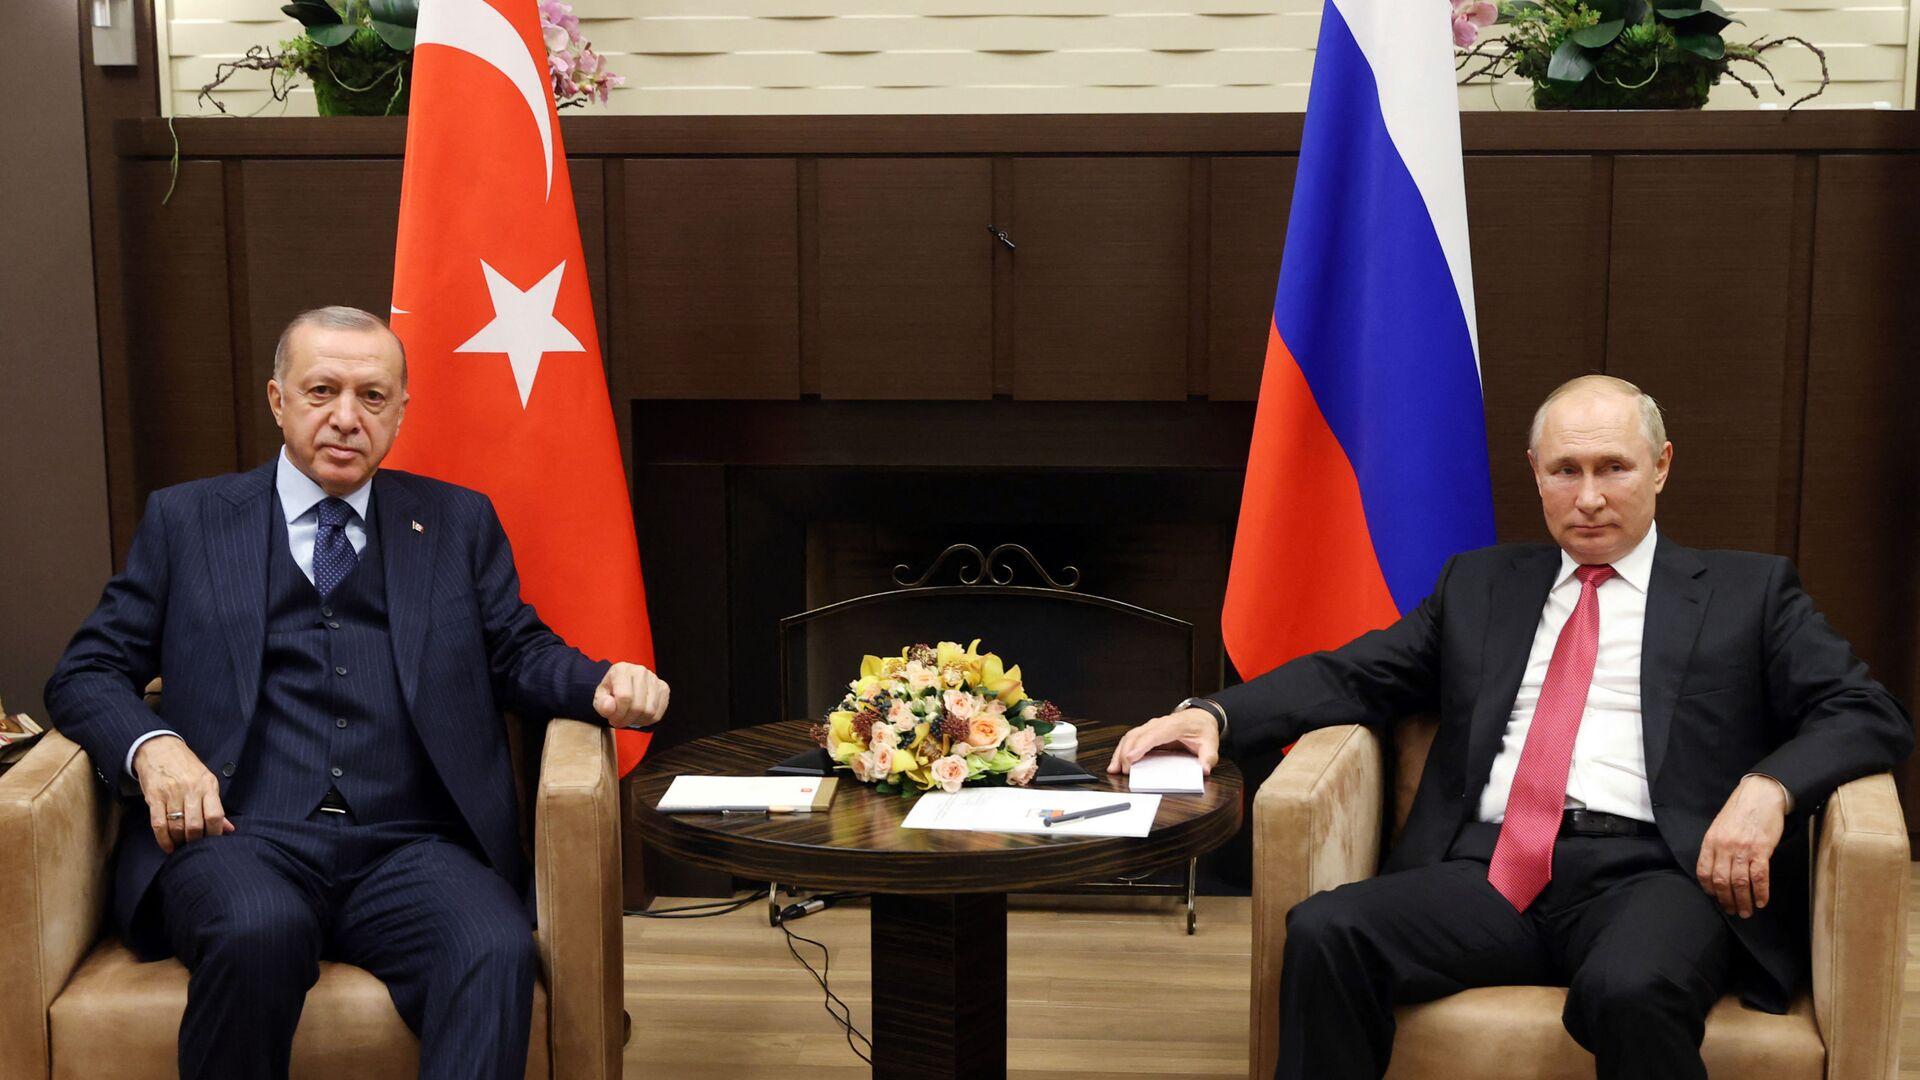 Президент России Владимир Путин и президент Турции Реджеп Тайип Эрдоган во время встречи в Сочи - Sputnik Česká republika, 1920, 29.09.2021